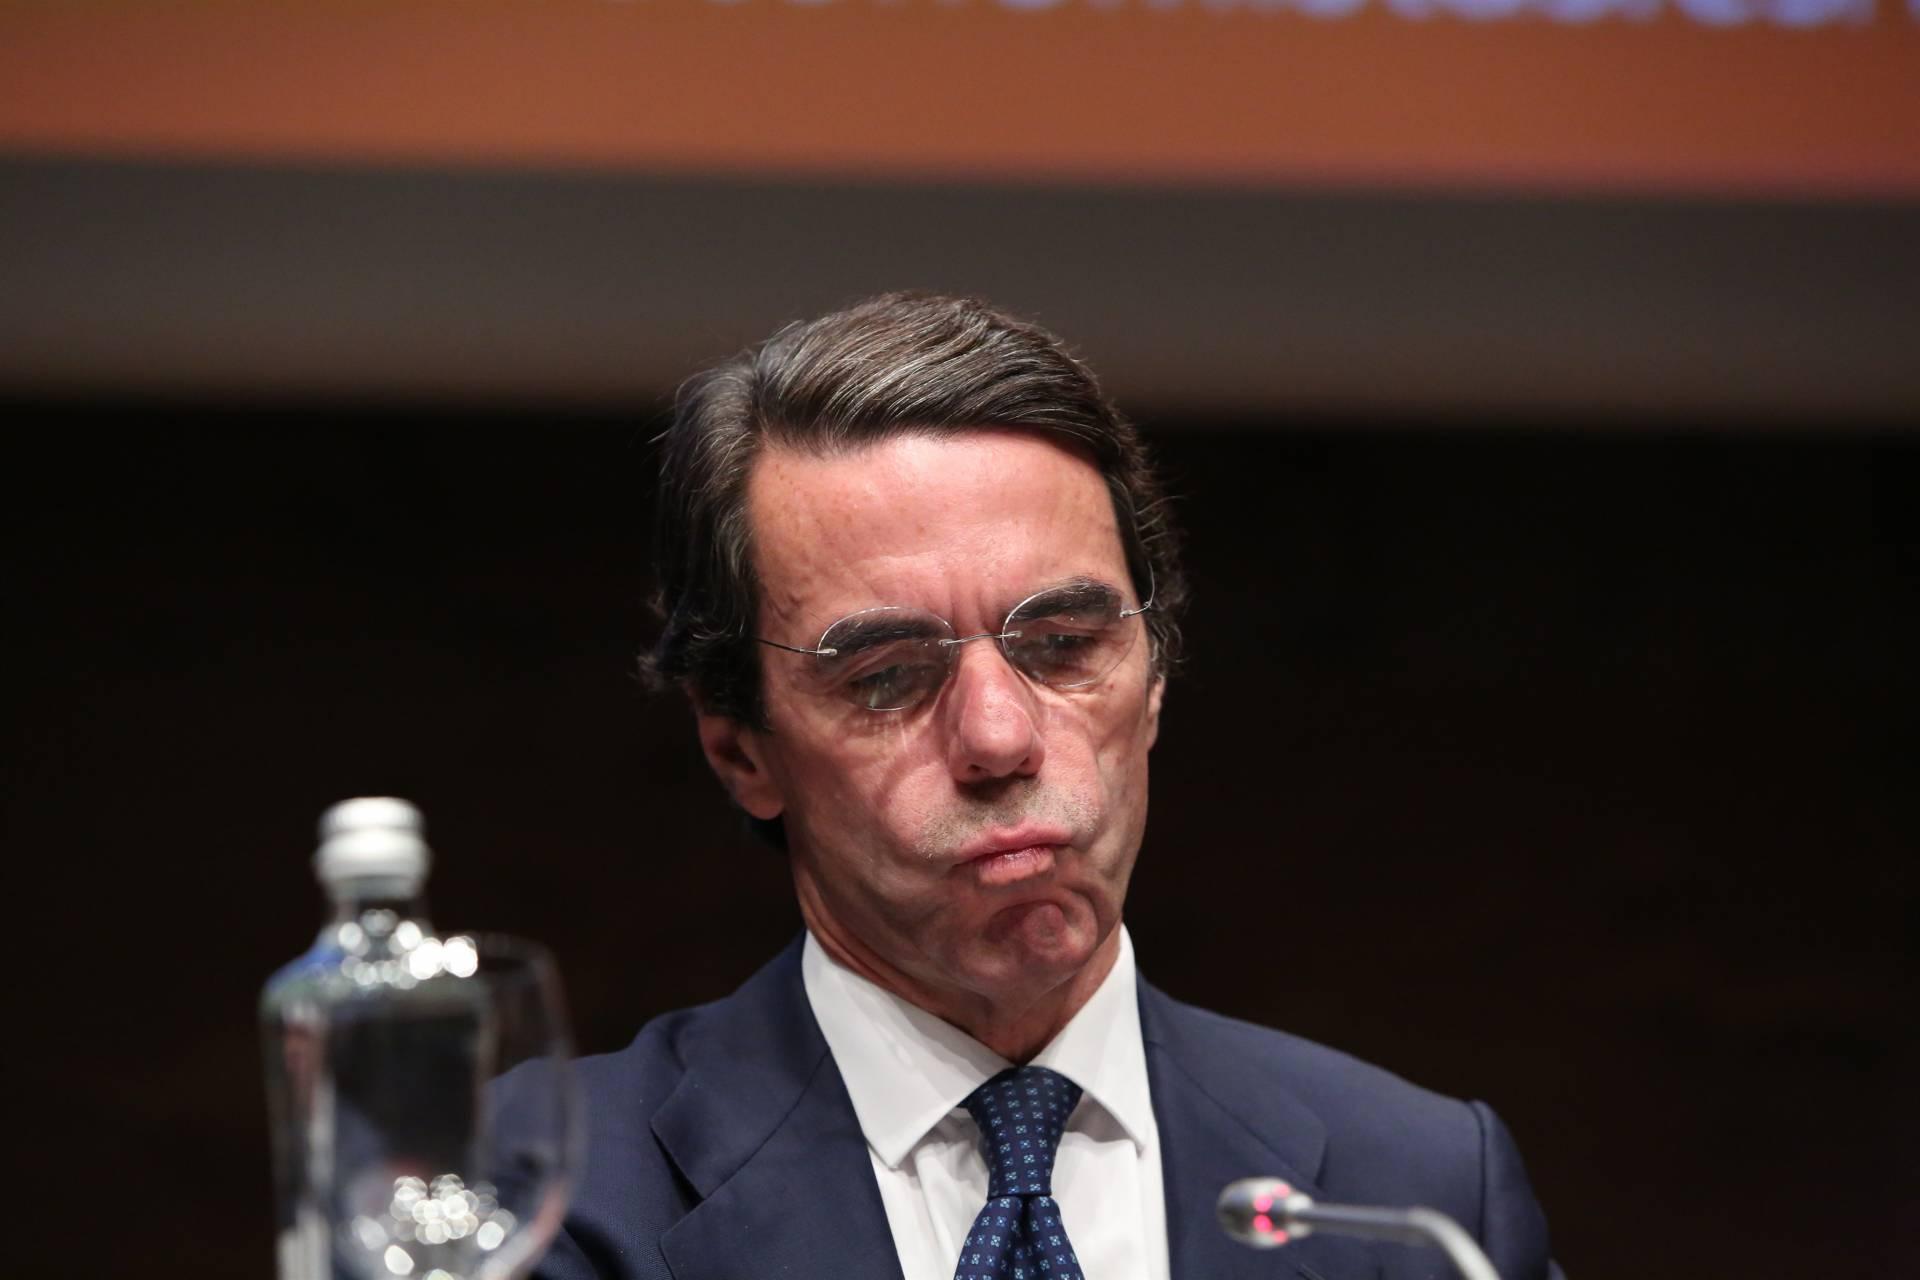 El ex presidente del Gobierno José María Aznar, en una comparecencia pública.